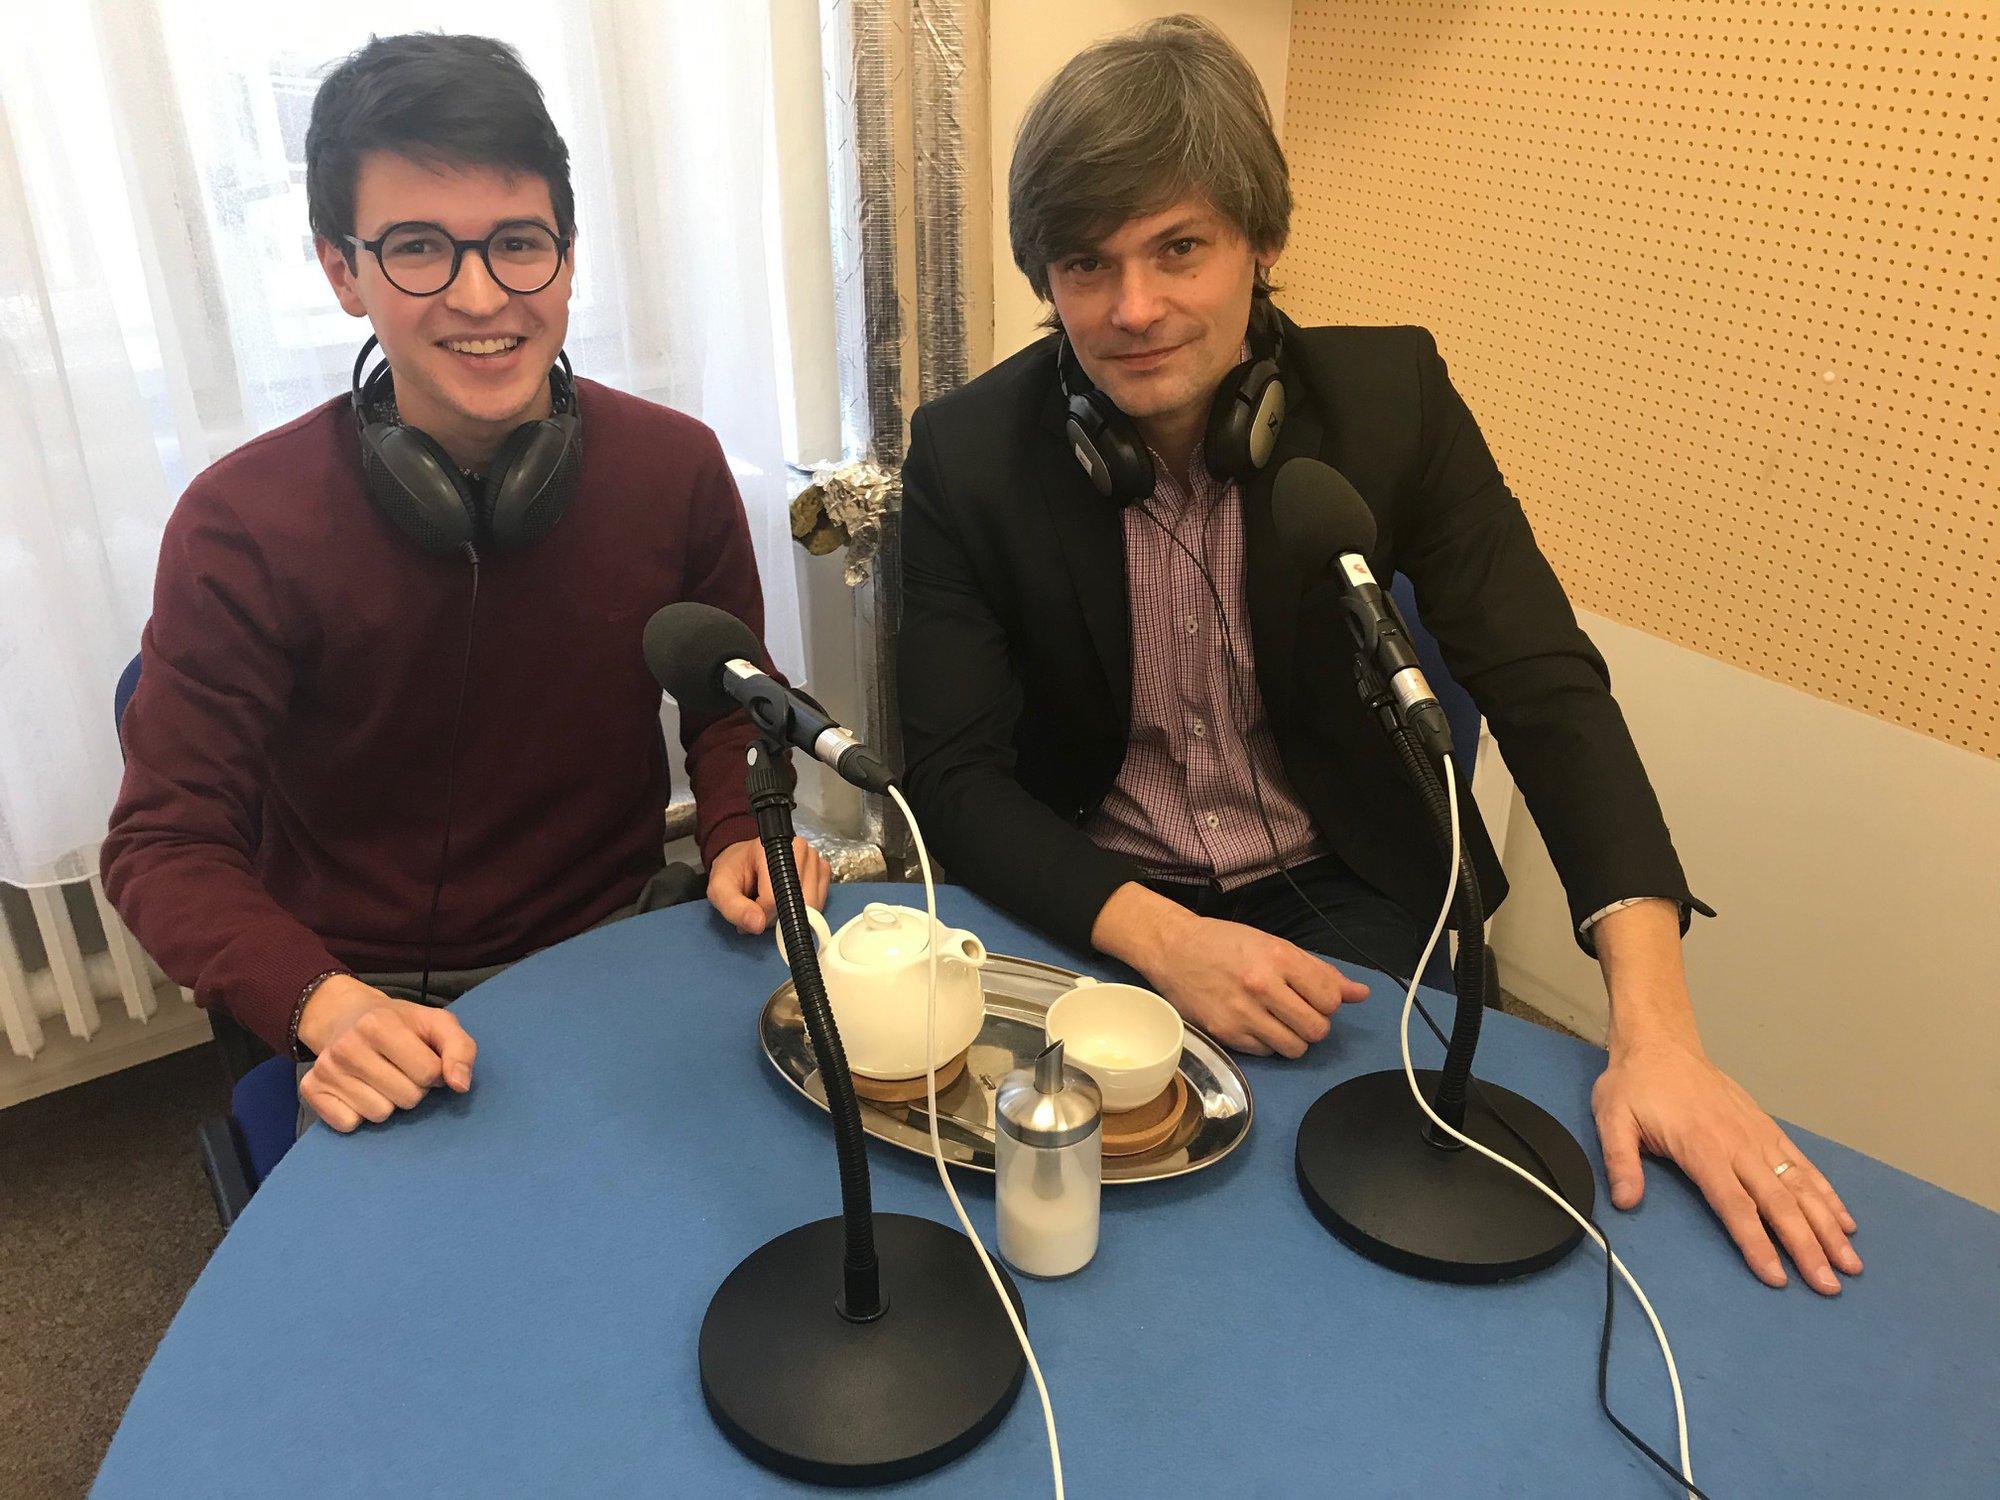 Redaktor Ondřej Havlíček s hostem Markem Hilšerem.